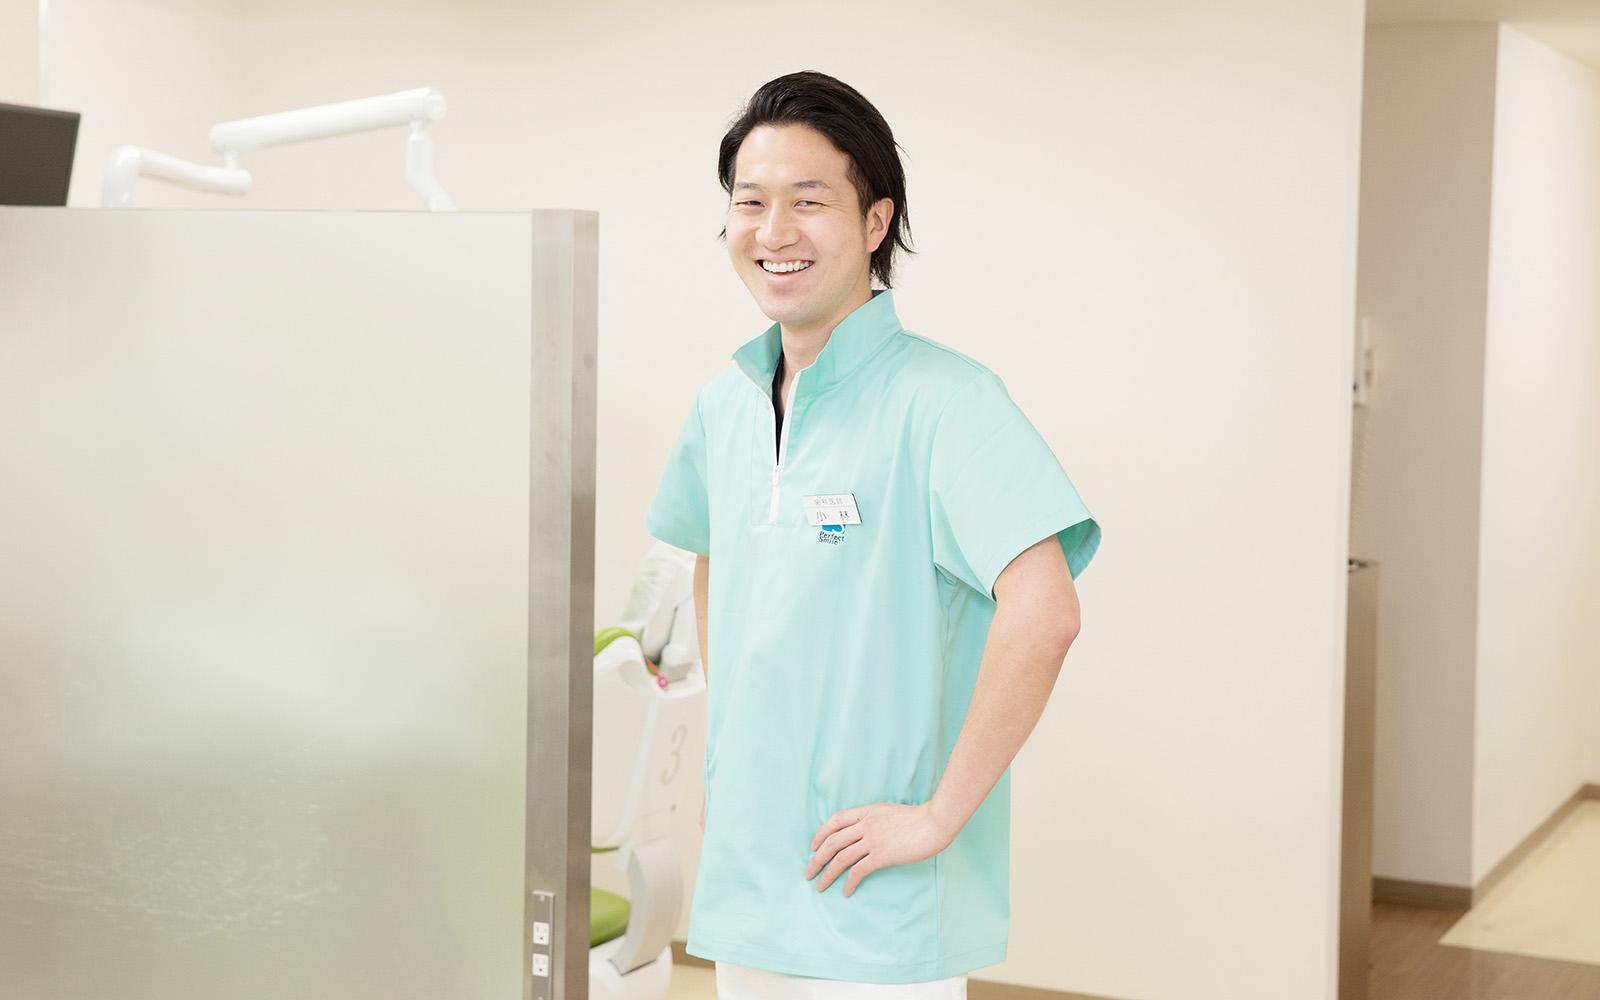 小林 峻(Kobayashi Syun)